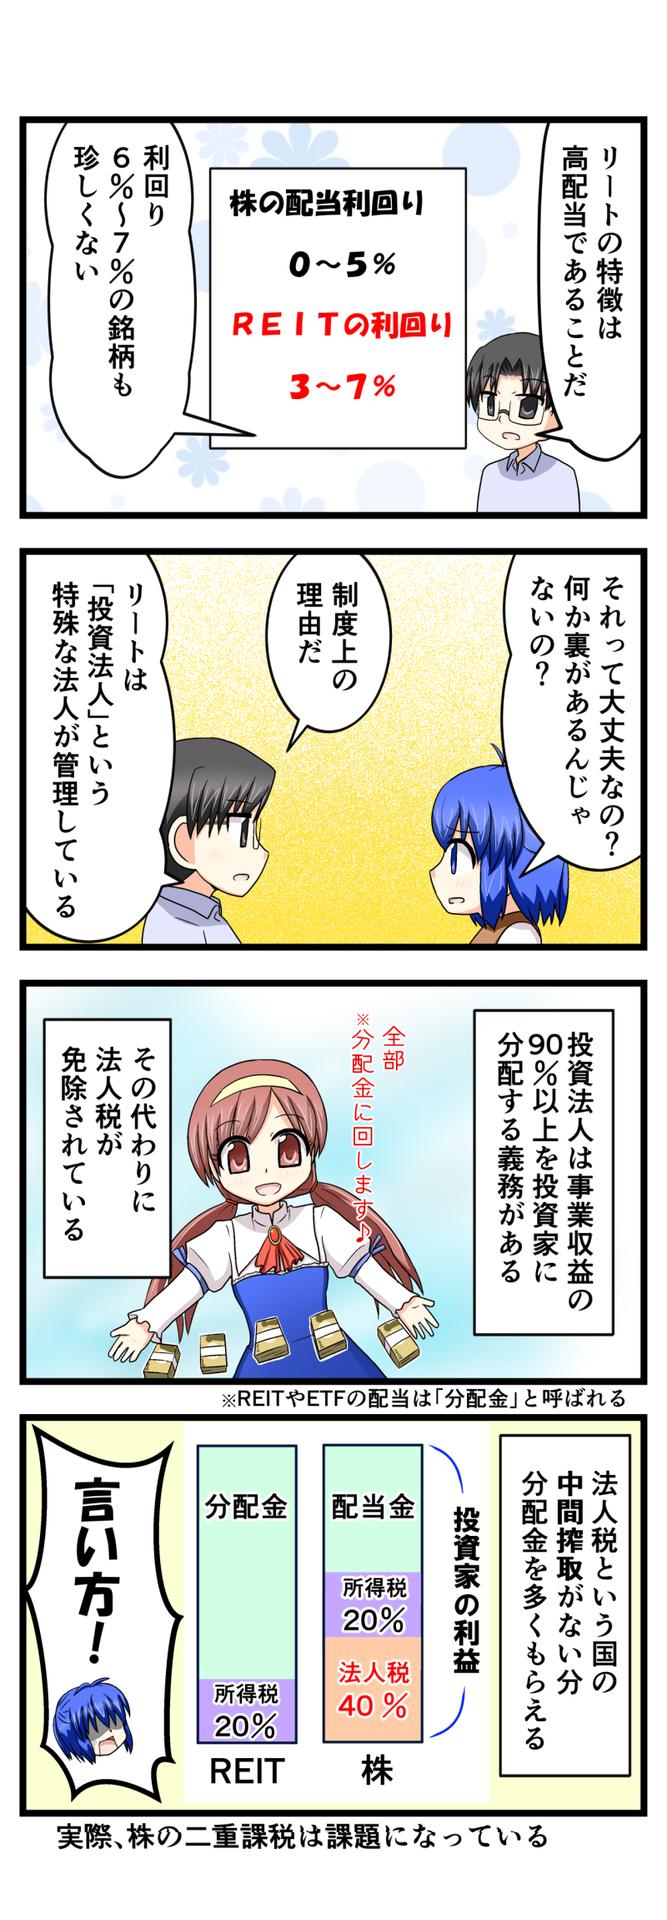 萌える株セミナー79.jpg